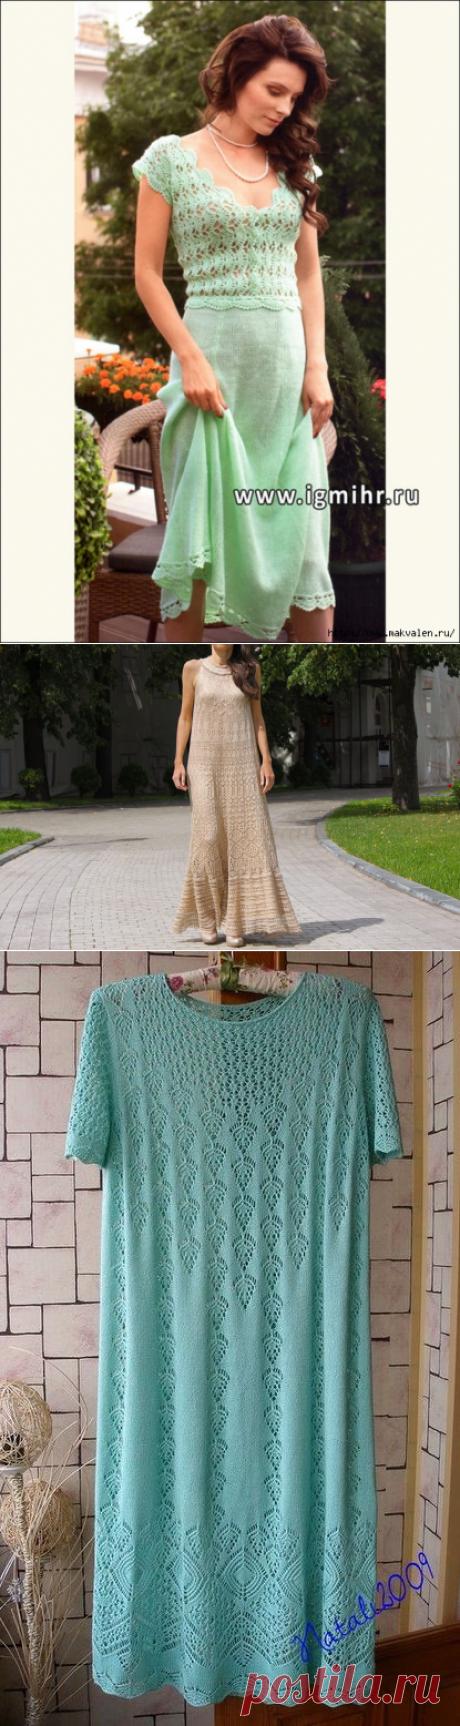 Платья, юбки | Записи в рубрике Платья, юбки | Дневник ЯсветаЯ